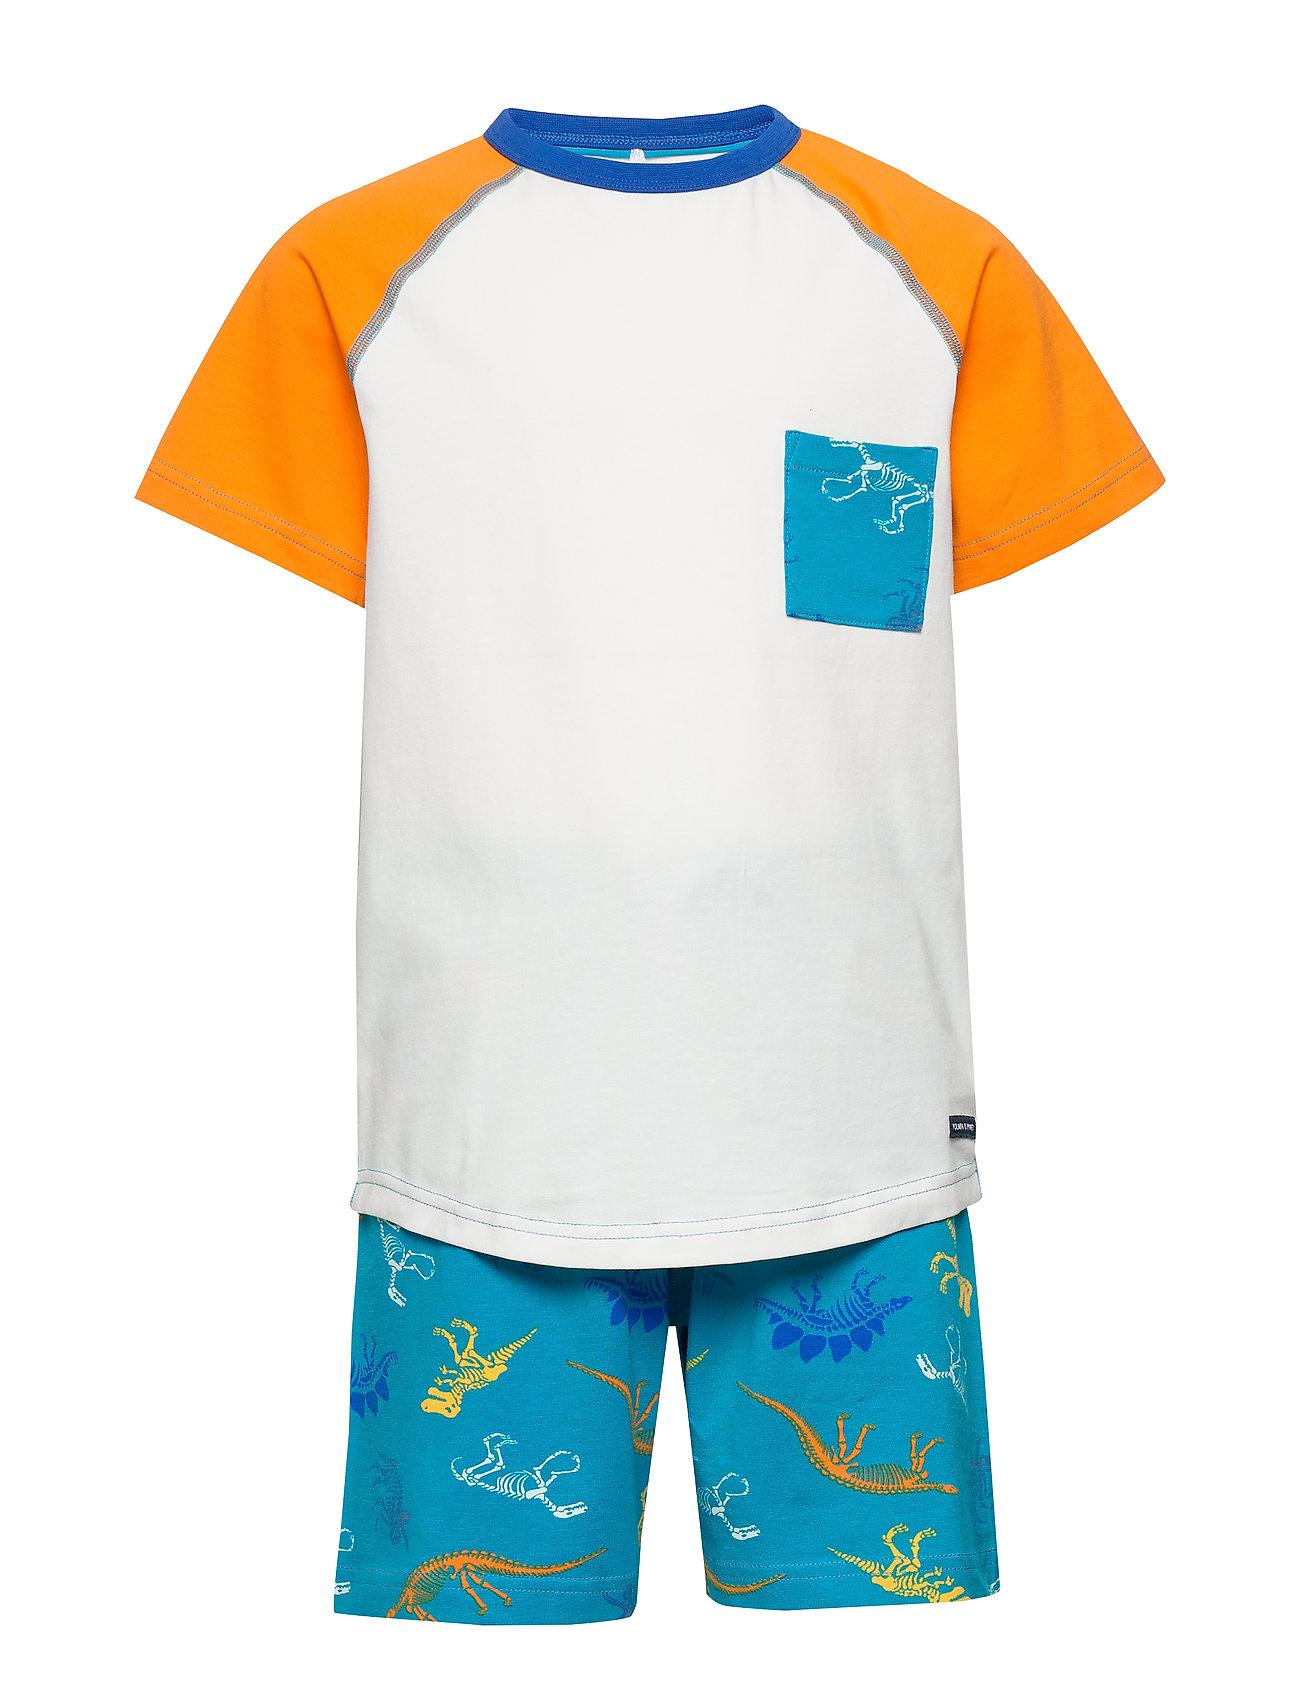 Polarn O. Pyret Pyjamas S/S AOP Preschool - BLUEBIRD